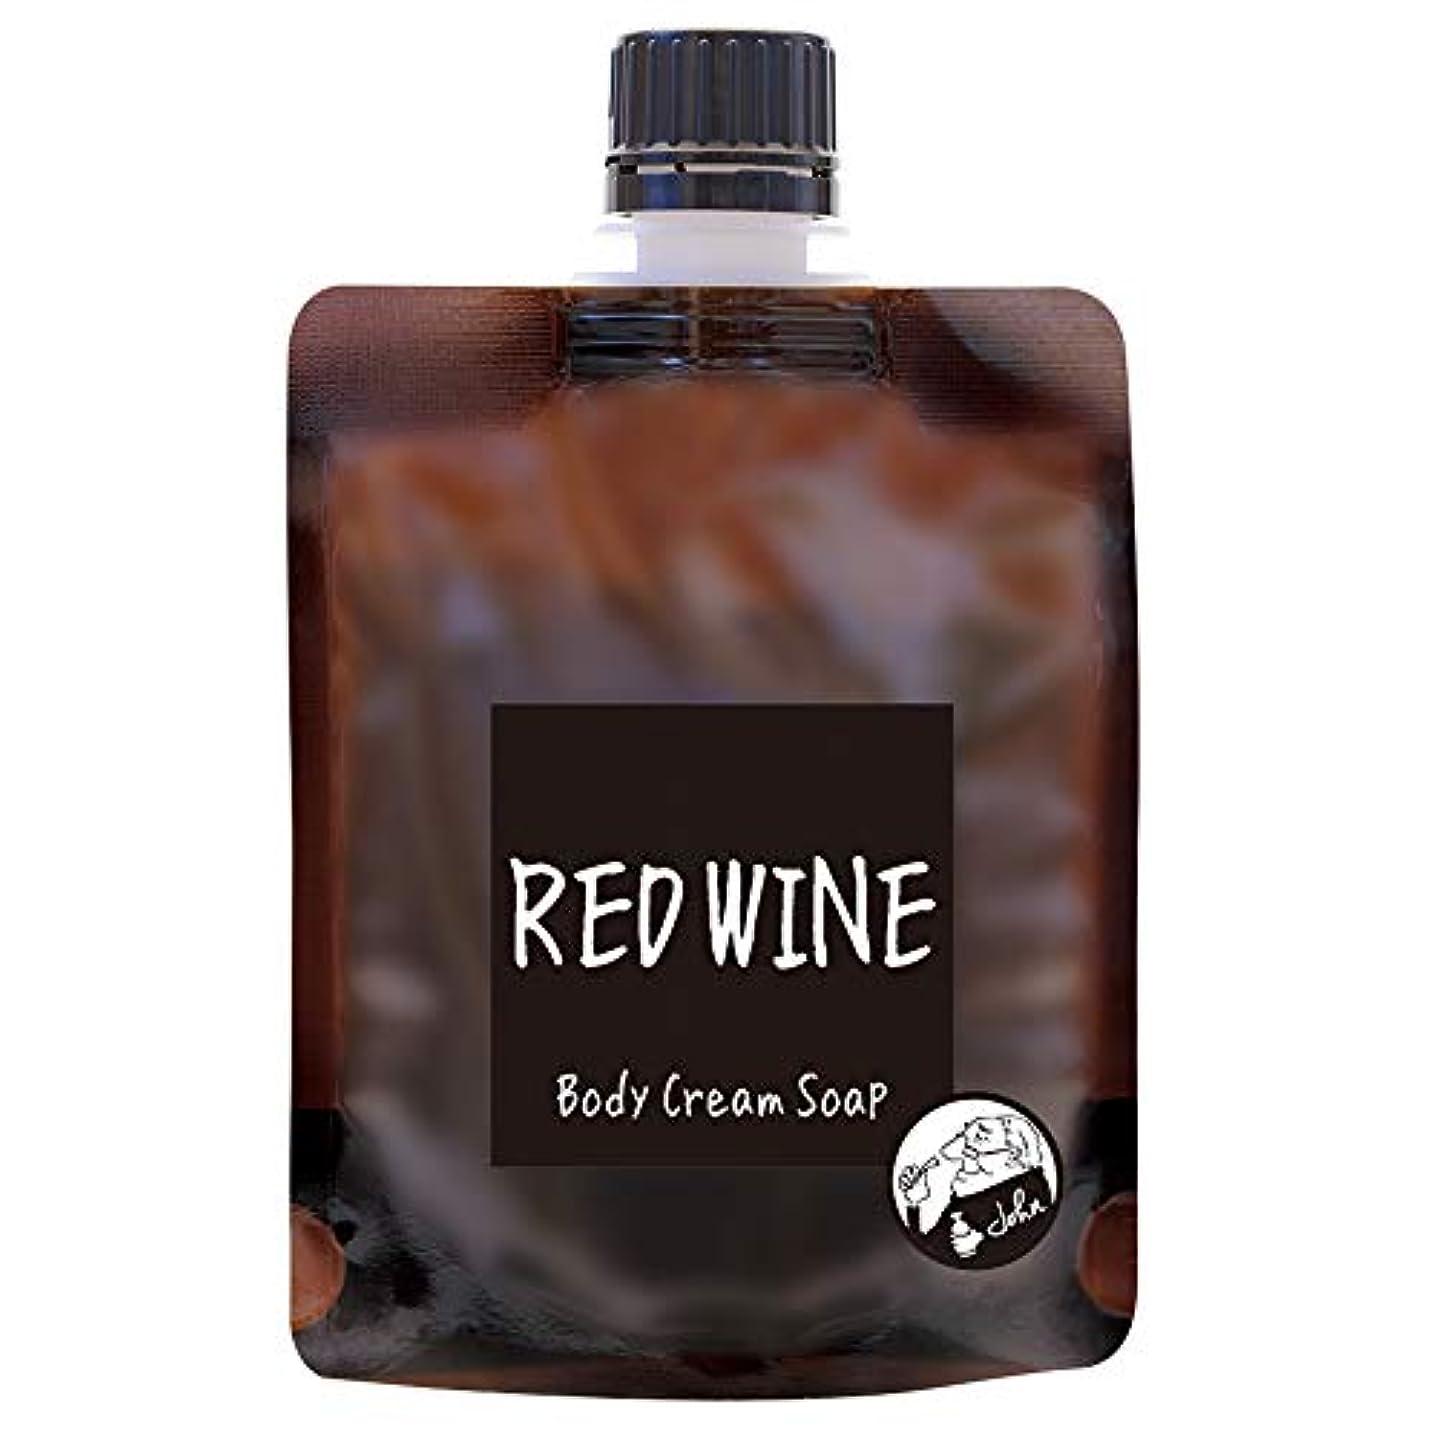 ラッカスオーラル欠員ノルコーポレーション John's Blend ボディクリームソープ 保湿成分配合 OA-JON-19-5 ボディソープ レッドワインの香り 100g